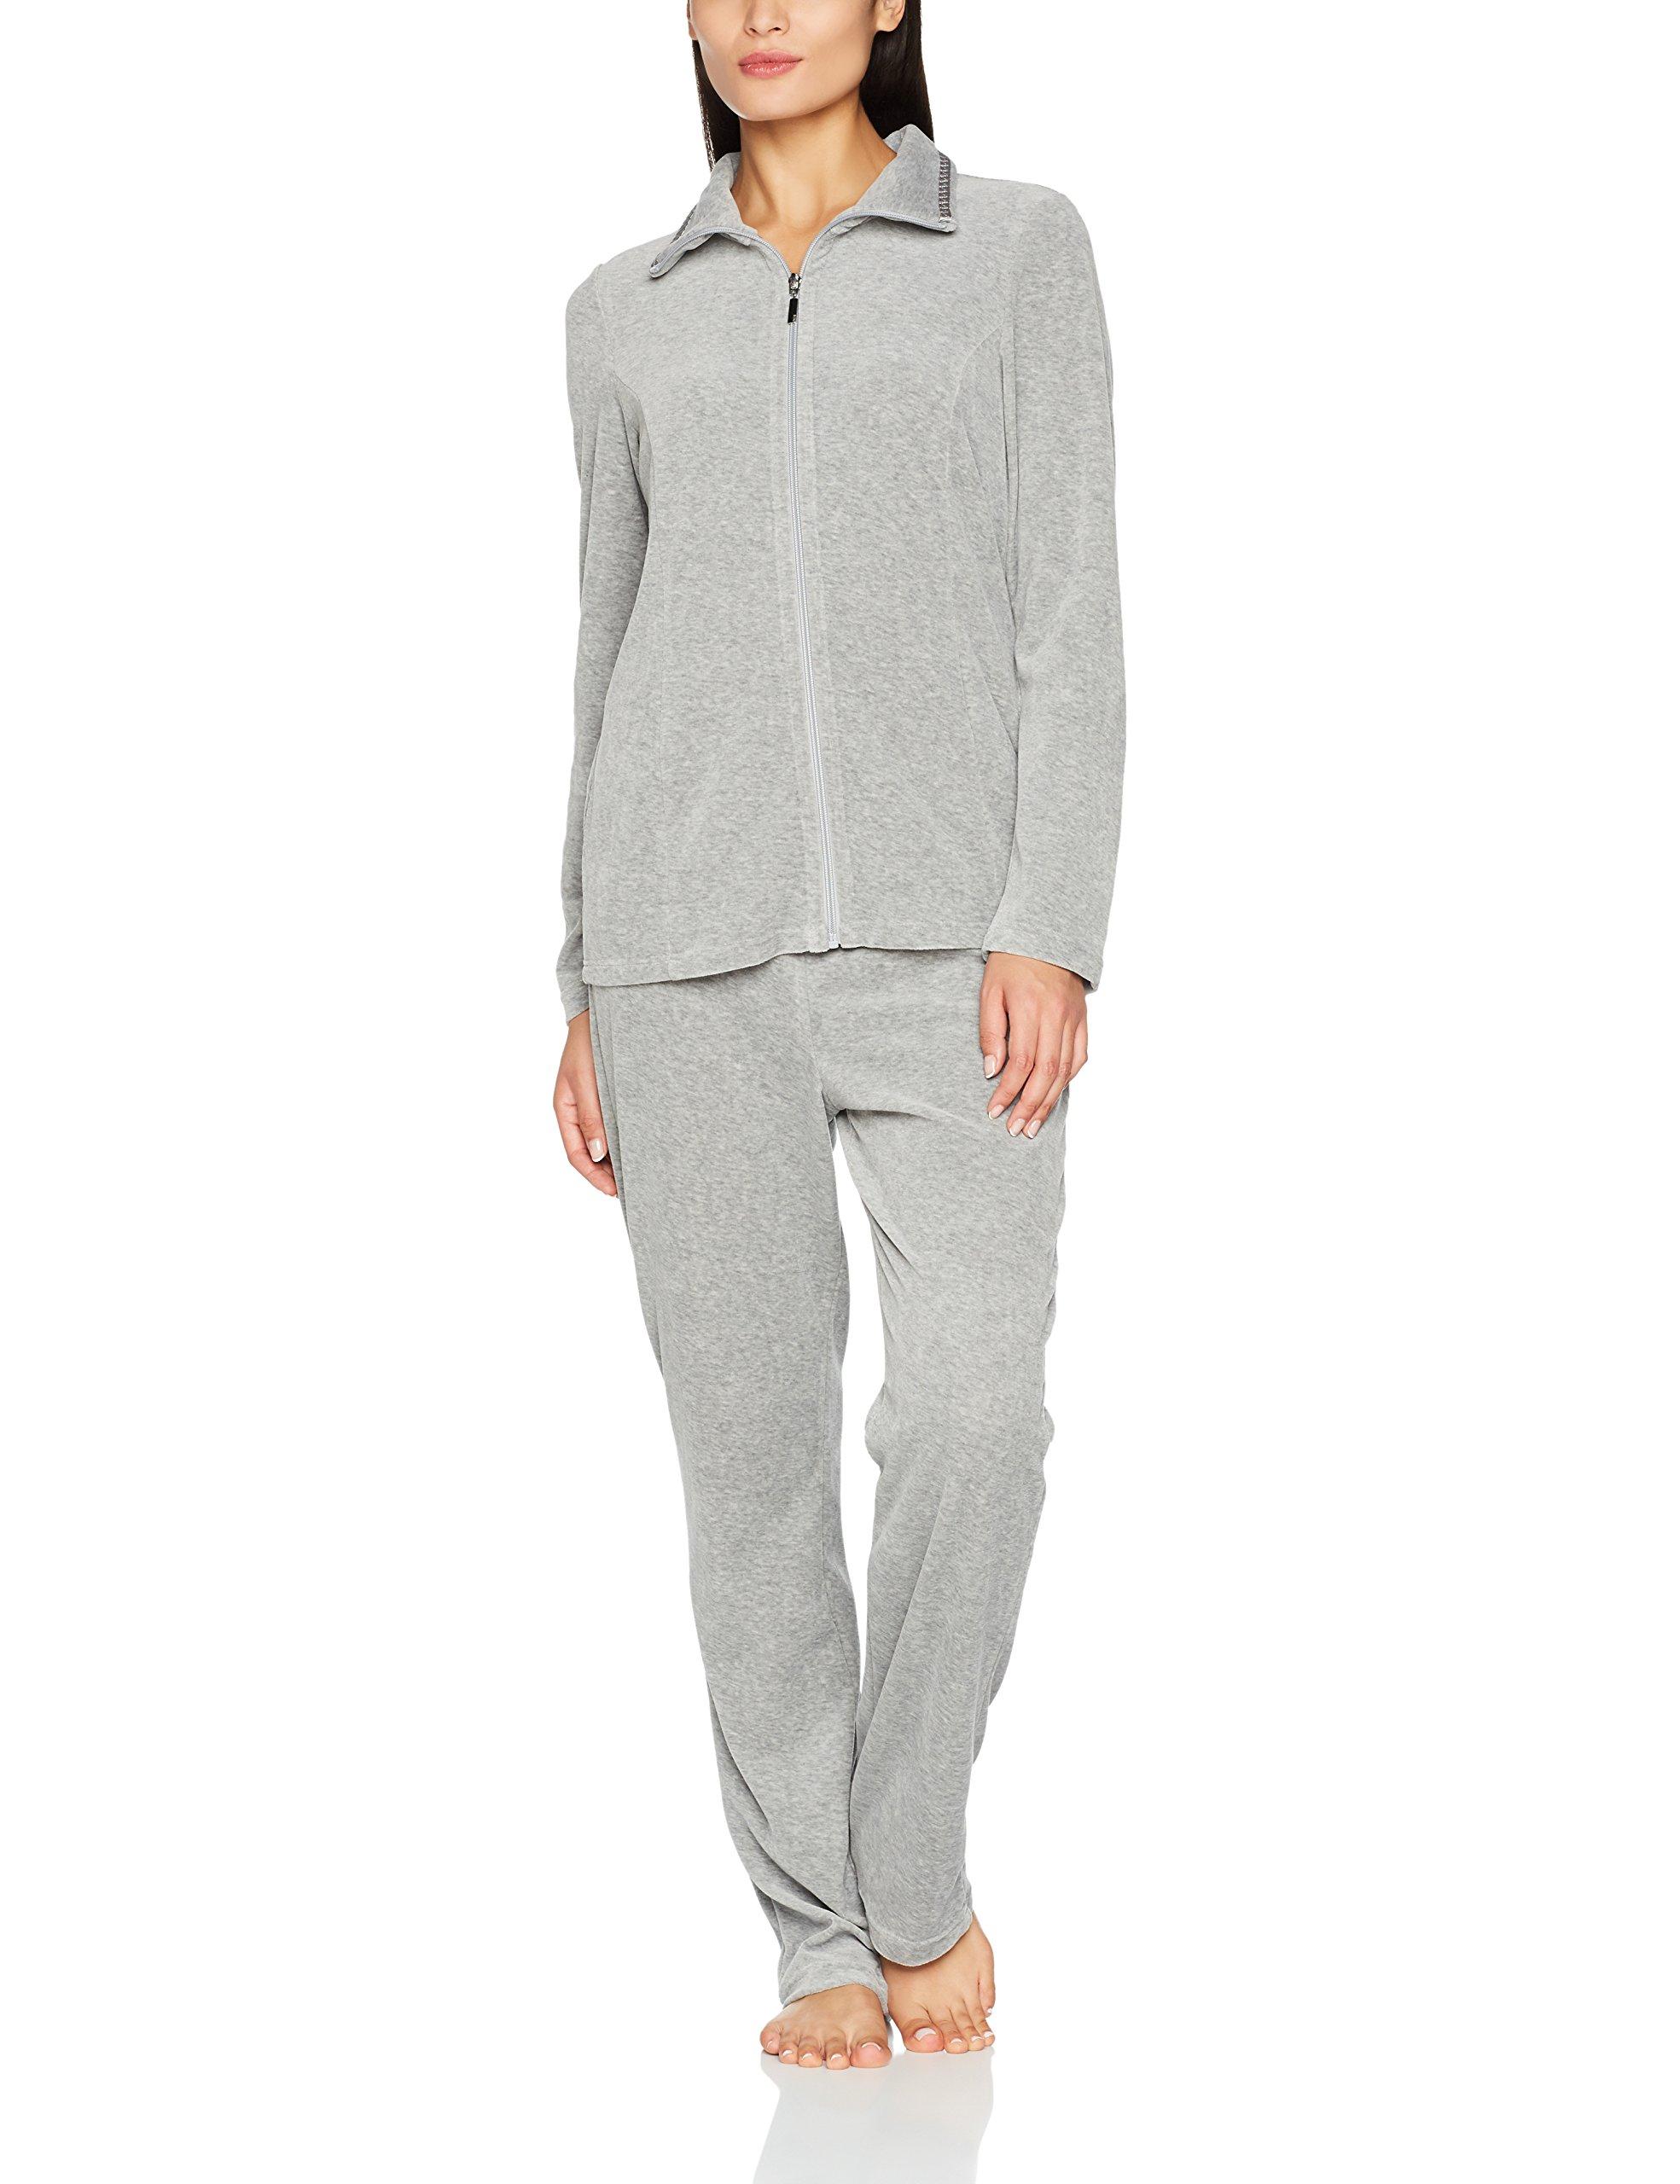 Well Rösch Pyjama 1008840 De being 1889510Ensemble FemmeGrisgraumelange roBQdxeCW